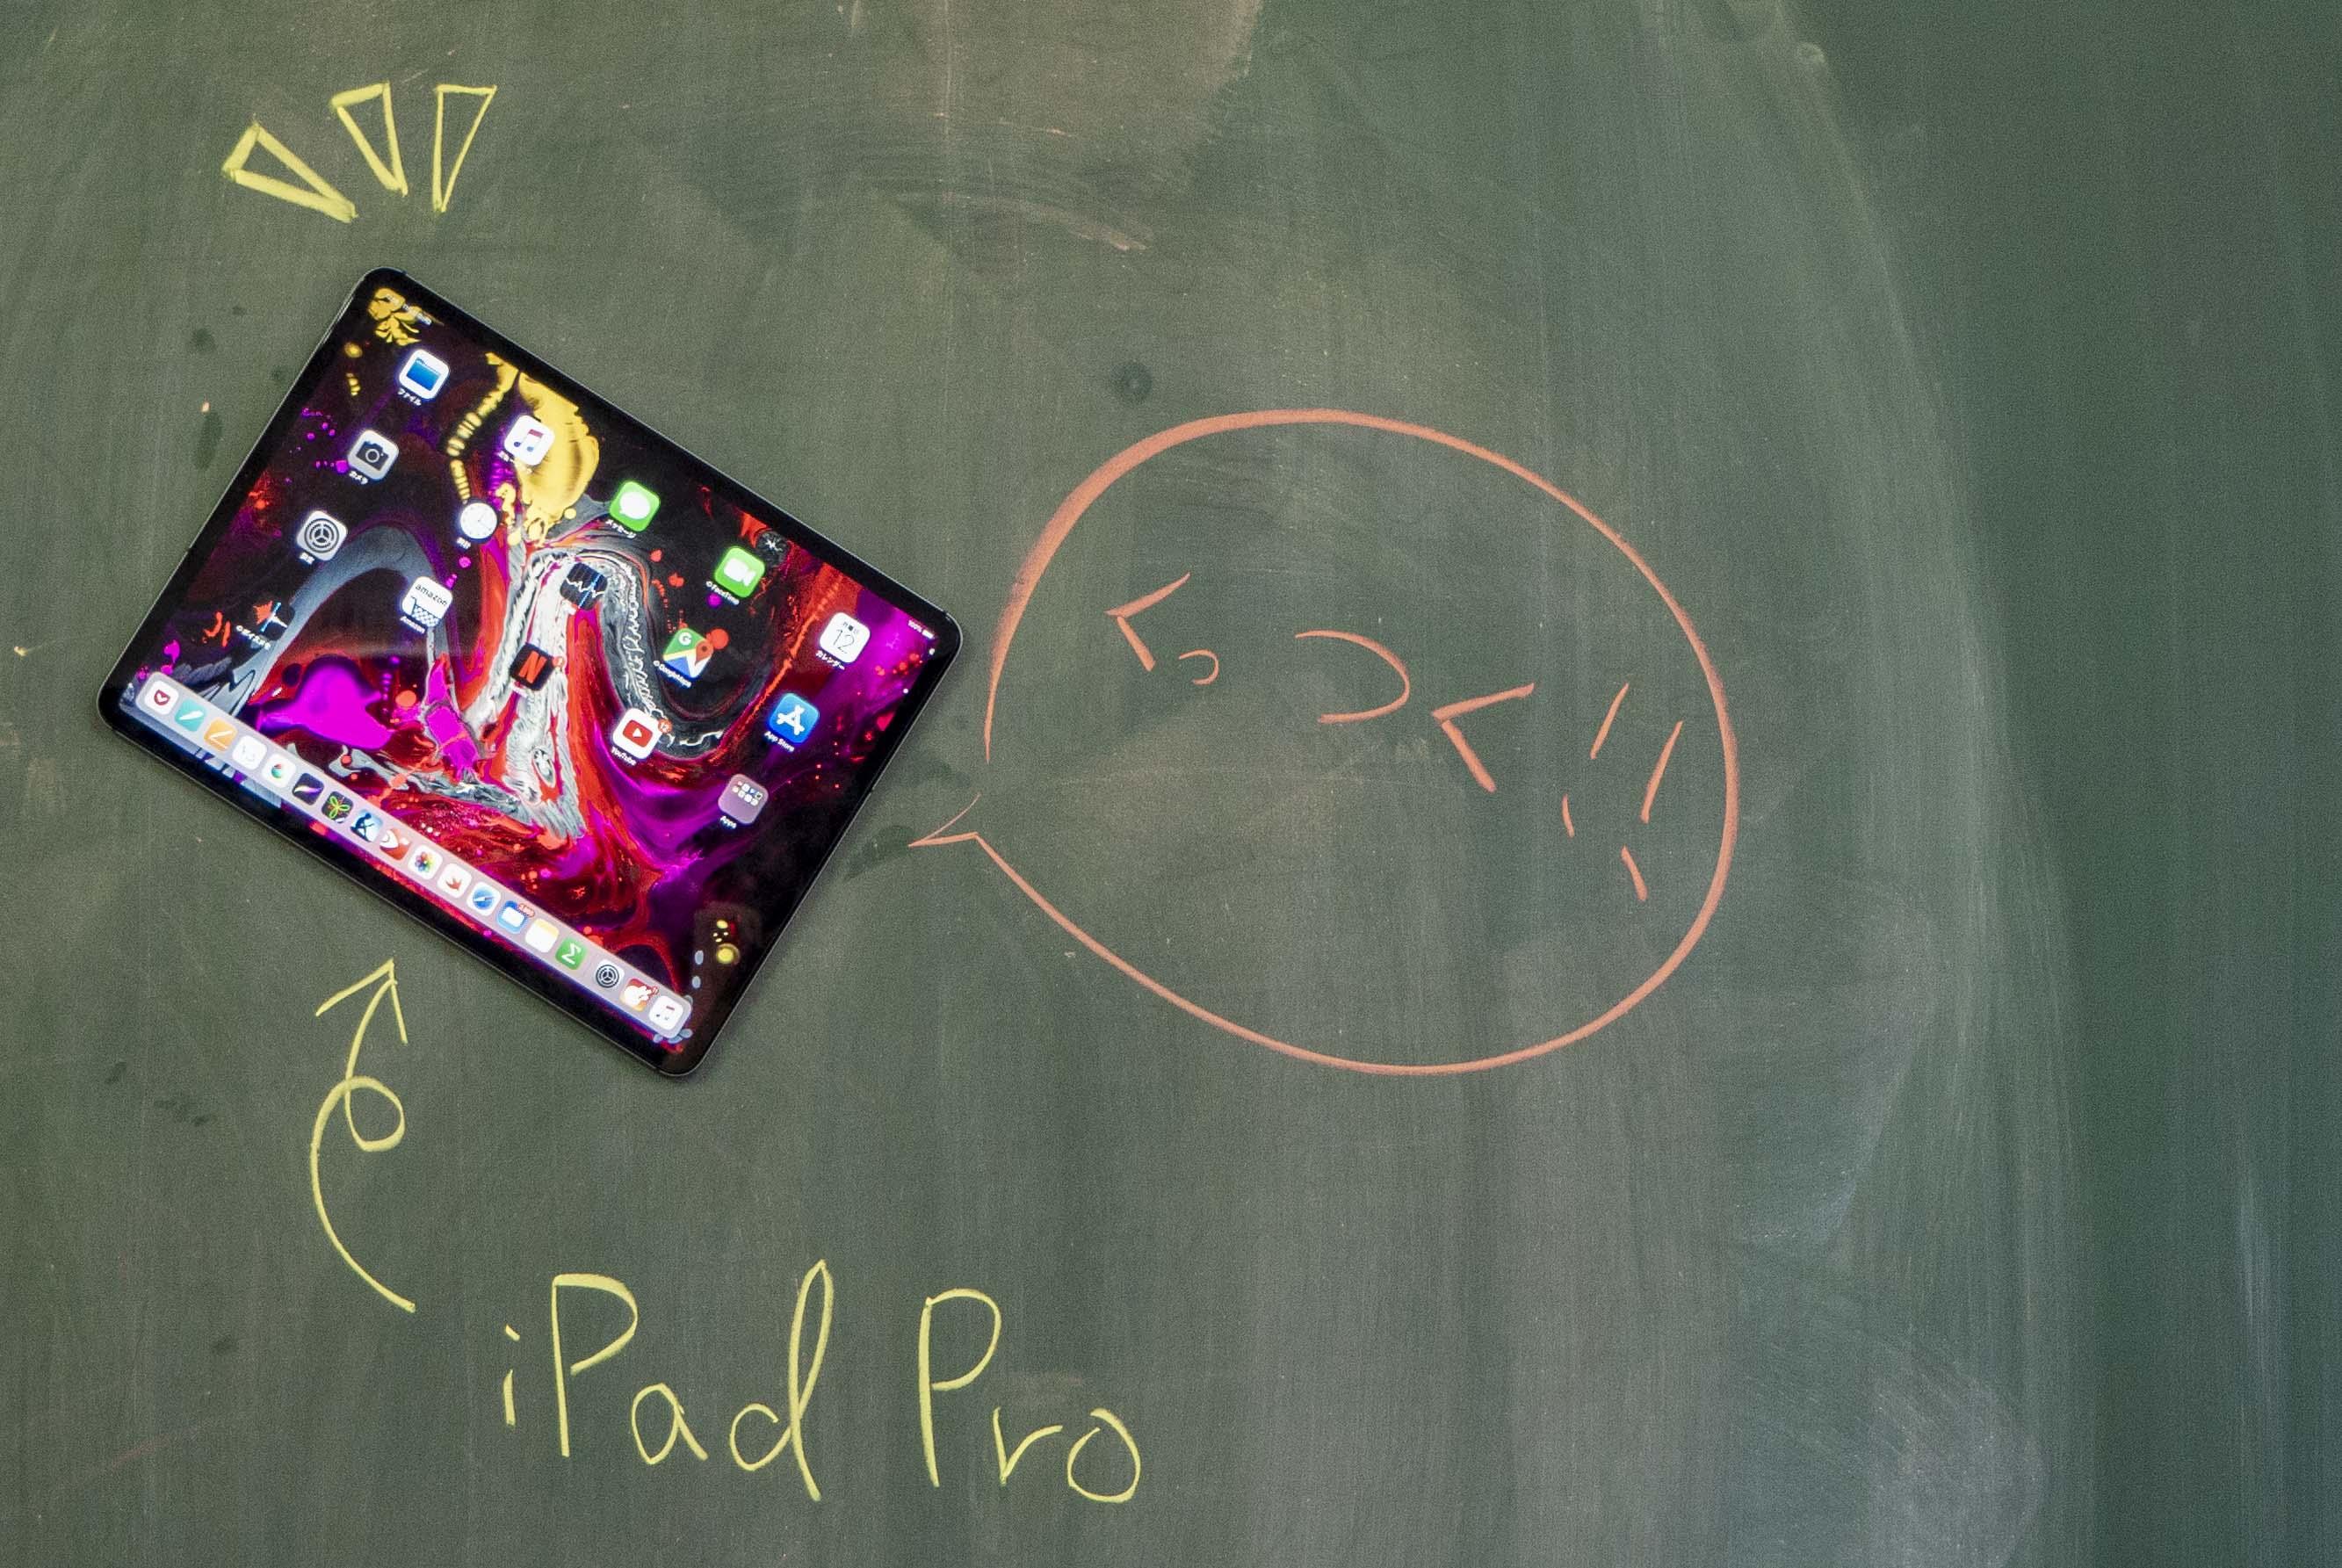 黒板に張り付くiPad Pro